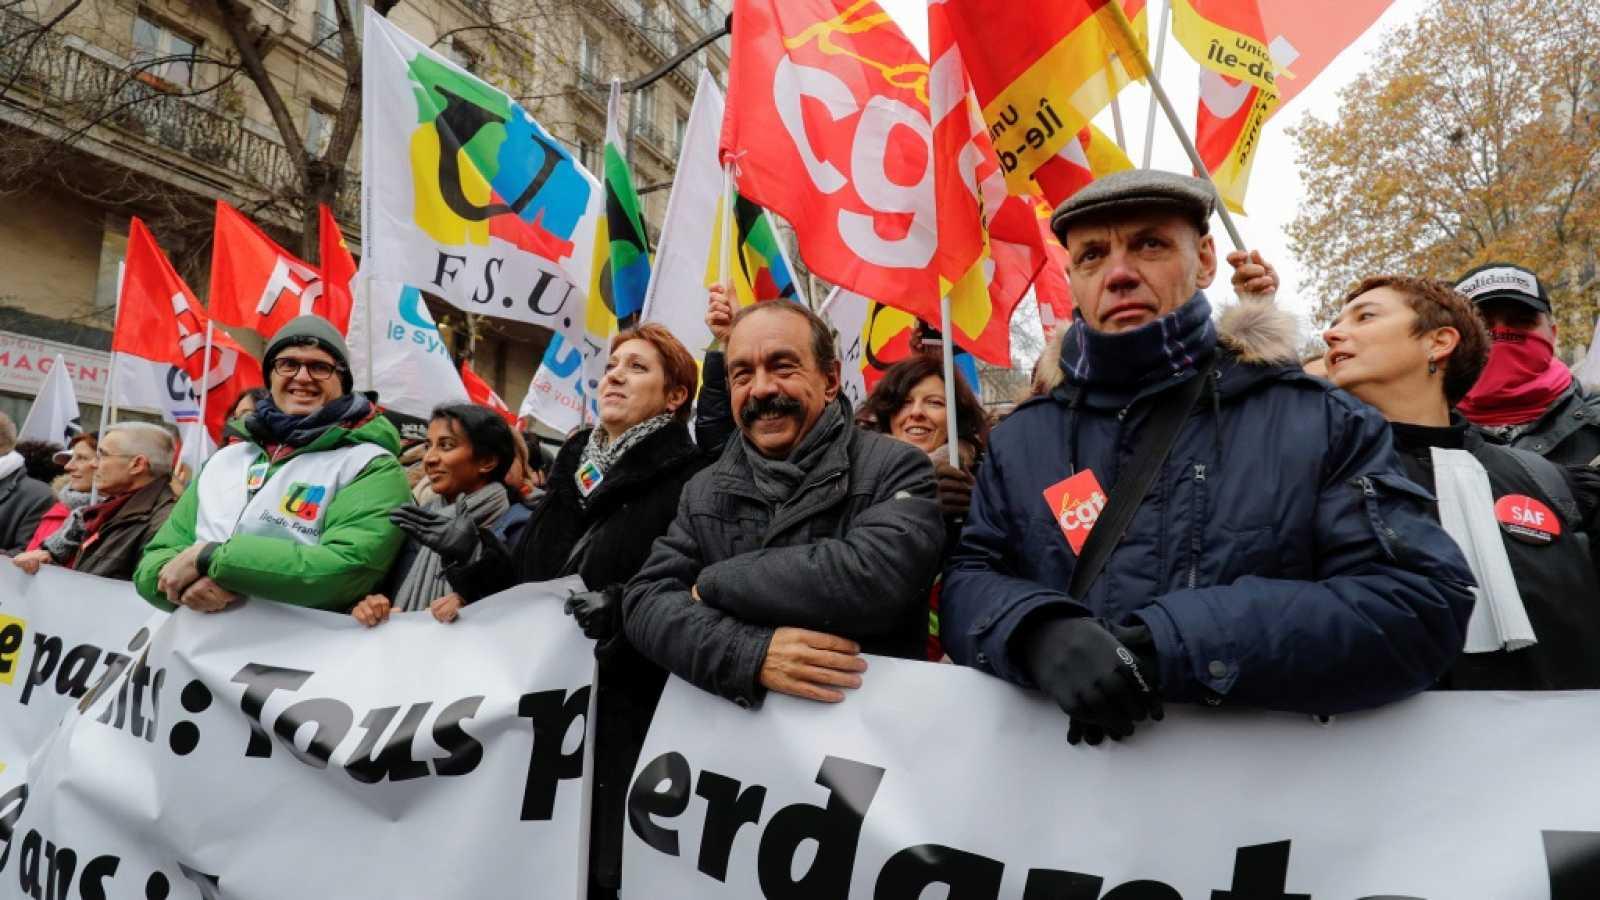 Francia. Para cobrar la pensión completa habrá que jubilarse a los 64